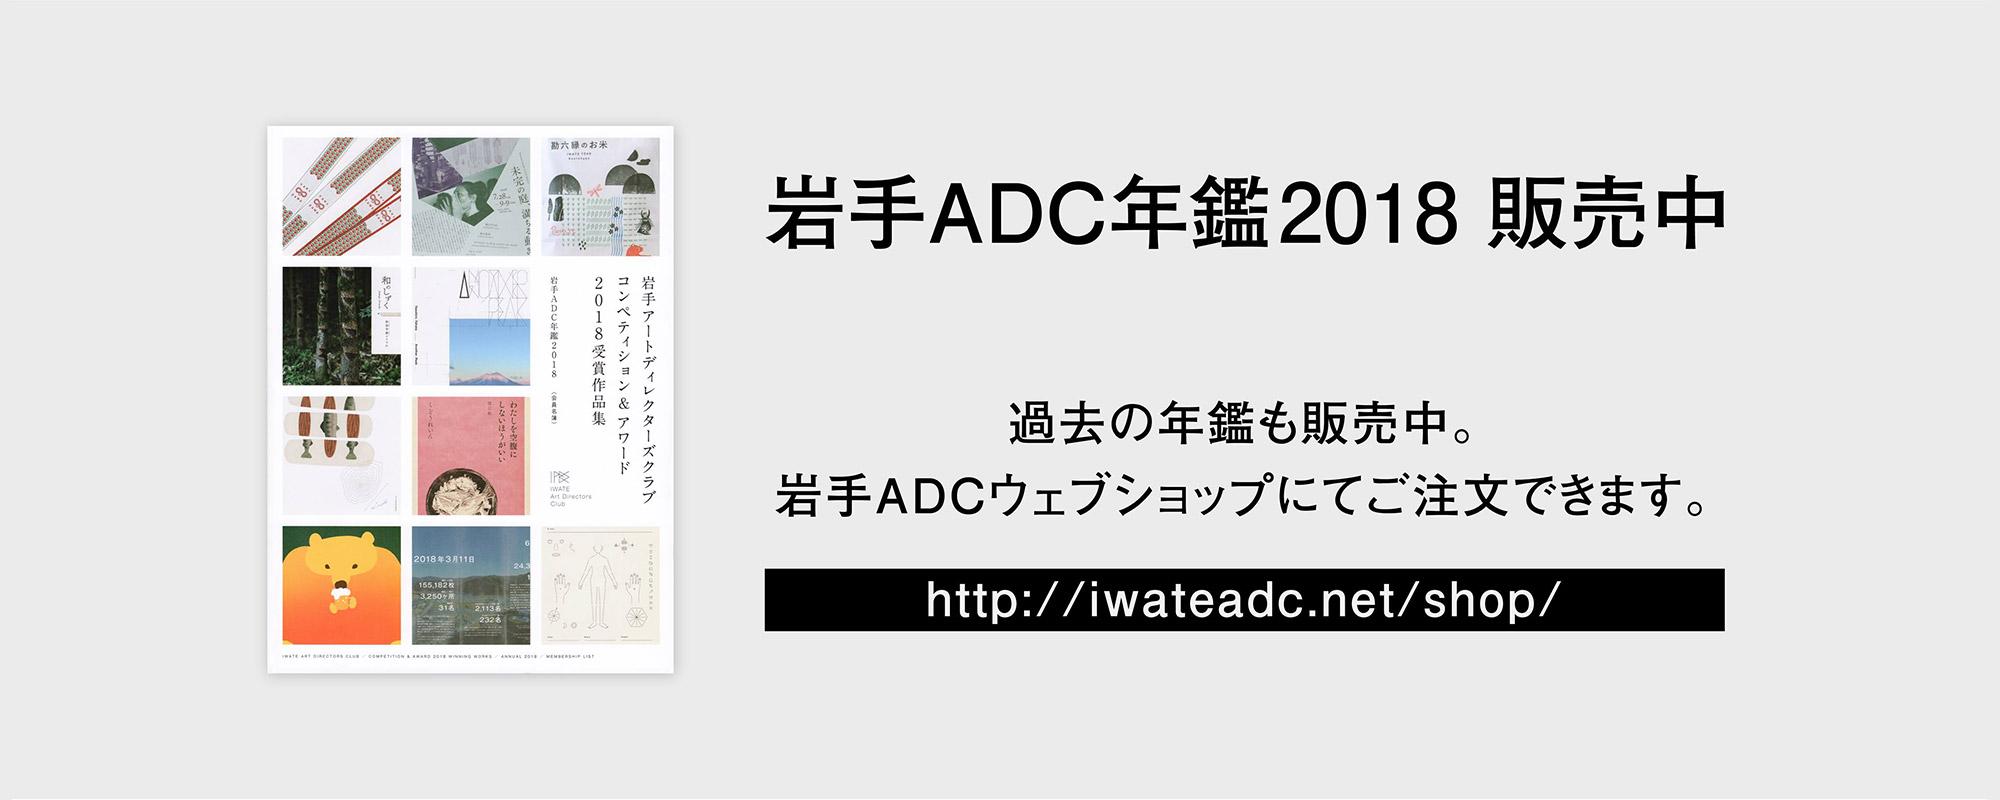 岩手ADC年間2018 発売中!